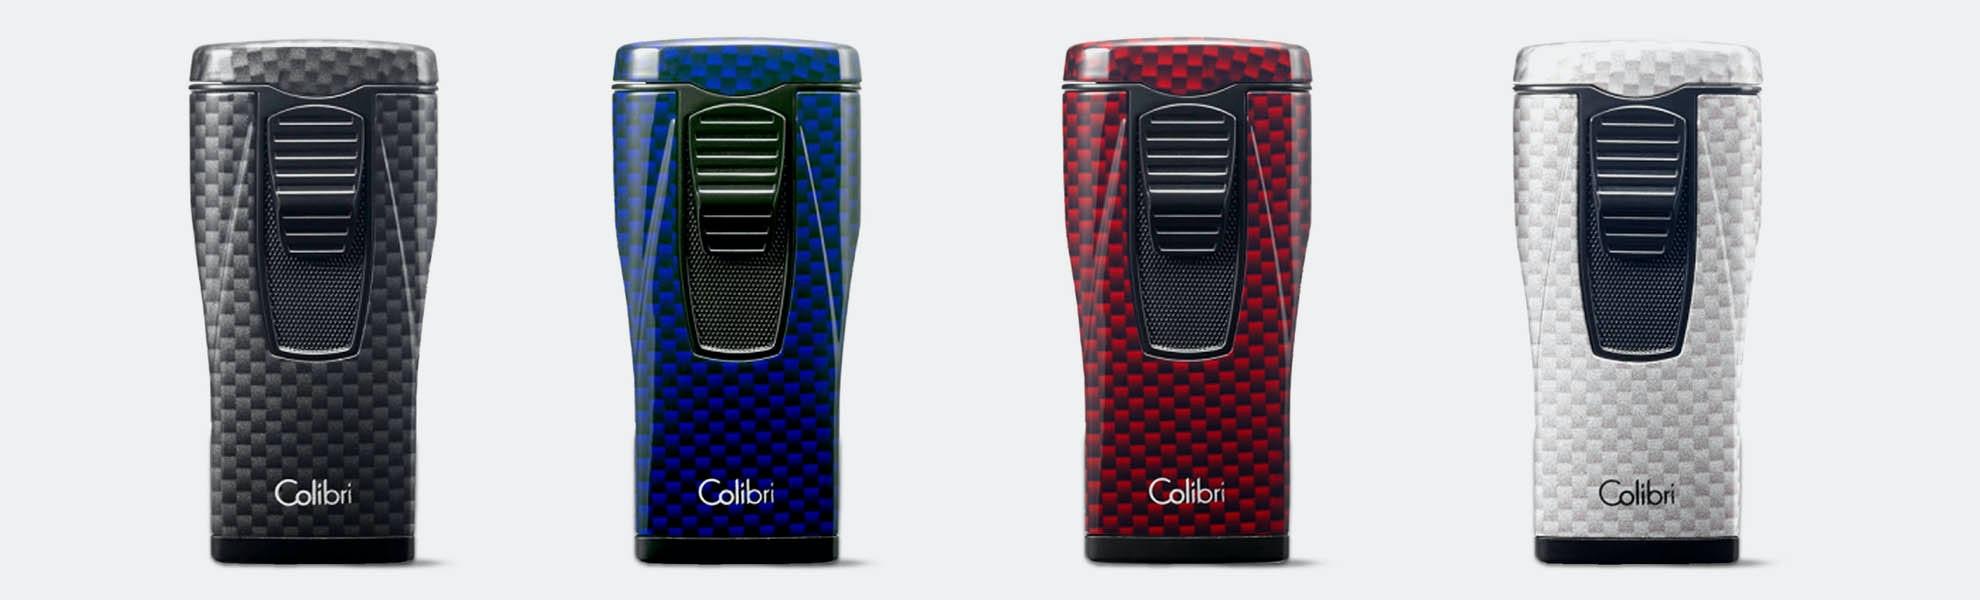 Colibri Carbon Fiber Monaco Triple-Flame Torch